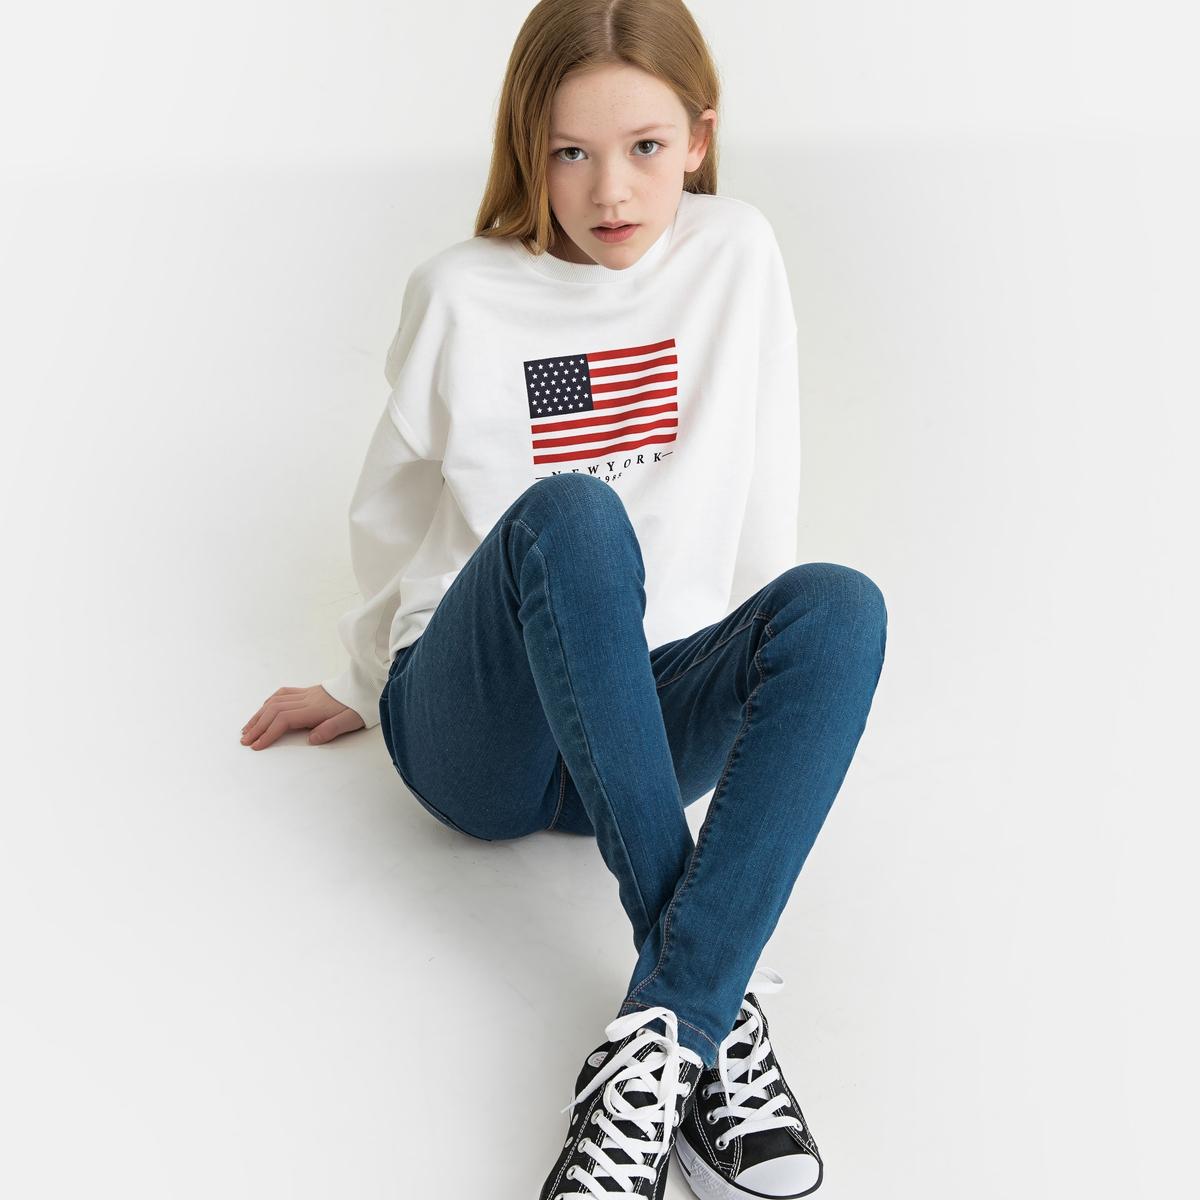 Фото - Джинсы LaRedoute Супер скинни 10-16 лет 14 синий джинсы la redoute супер скинни 12 синий